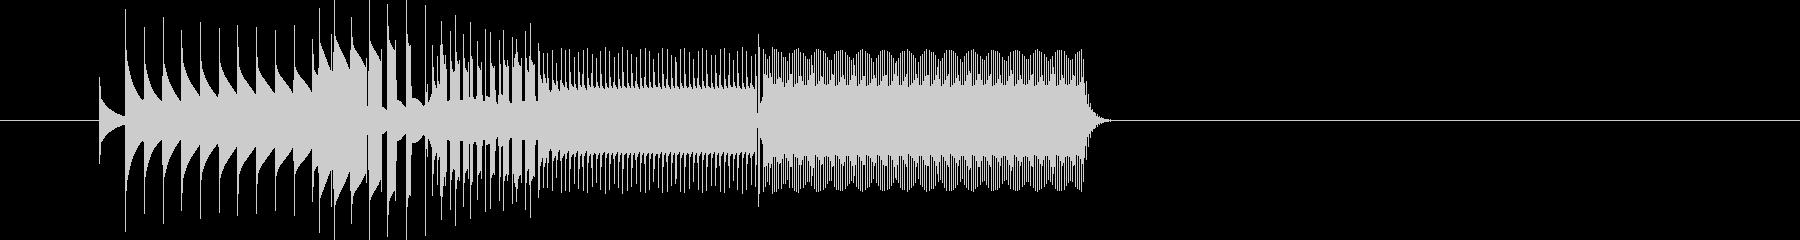 ピコンスタート音クリックファミコン音の未再生の波形